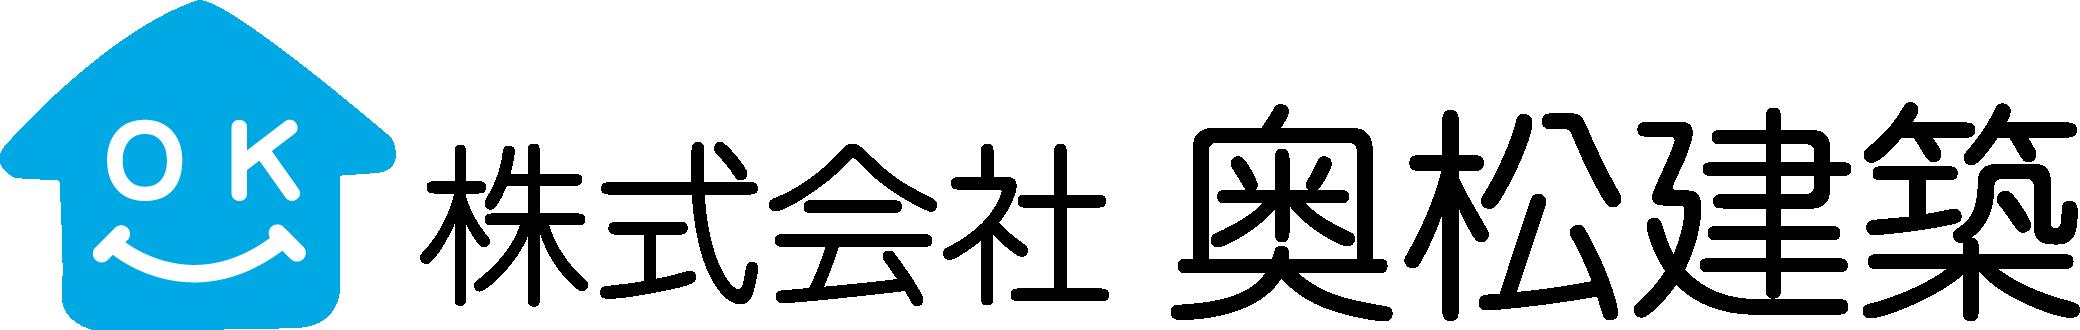 神奈川県秦野市の工務店[株式会社奥松建築]